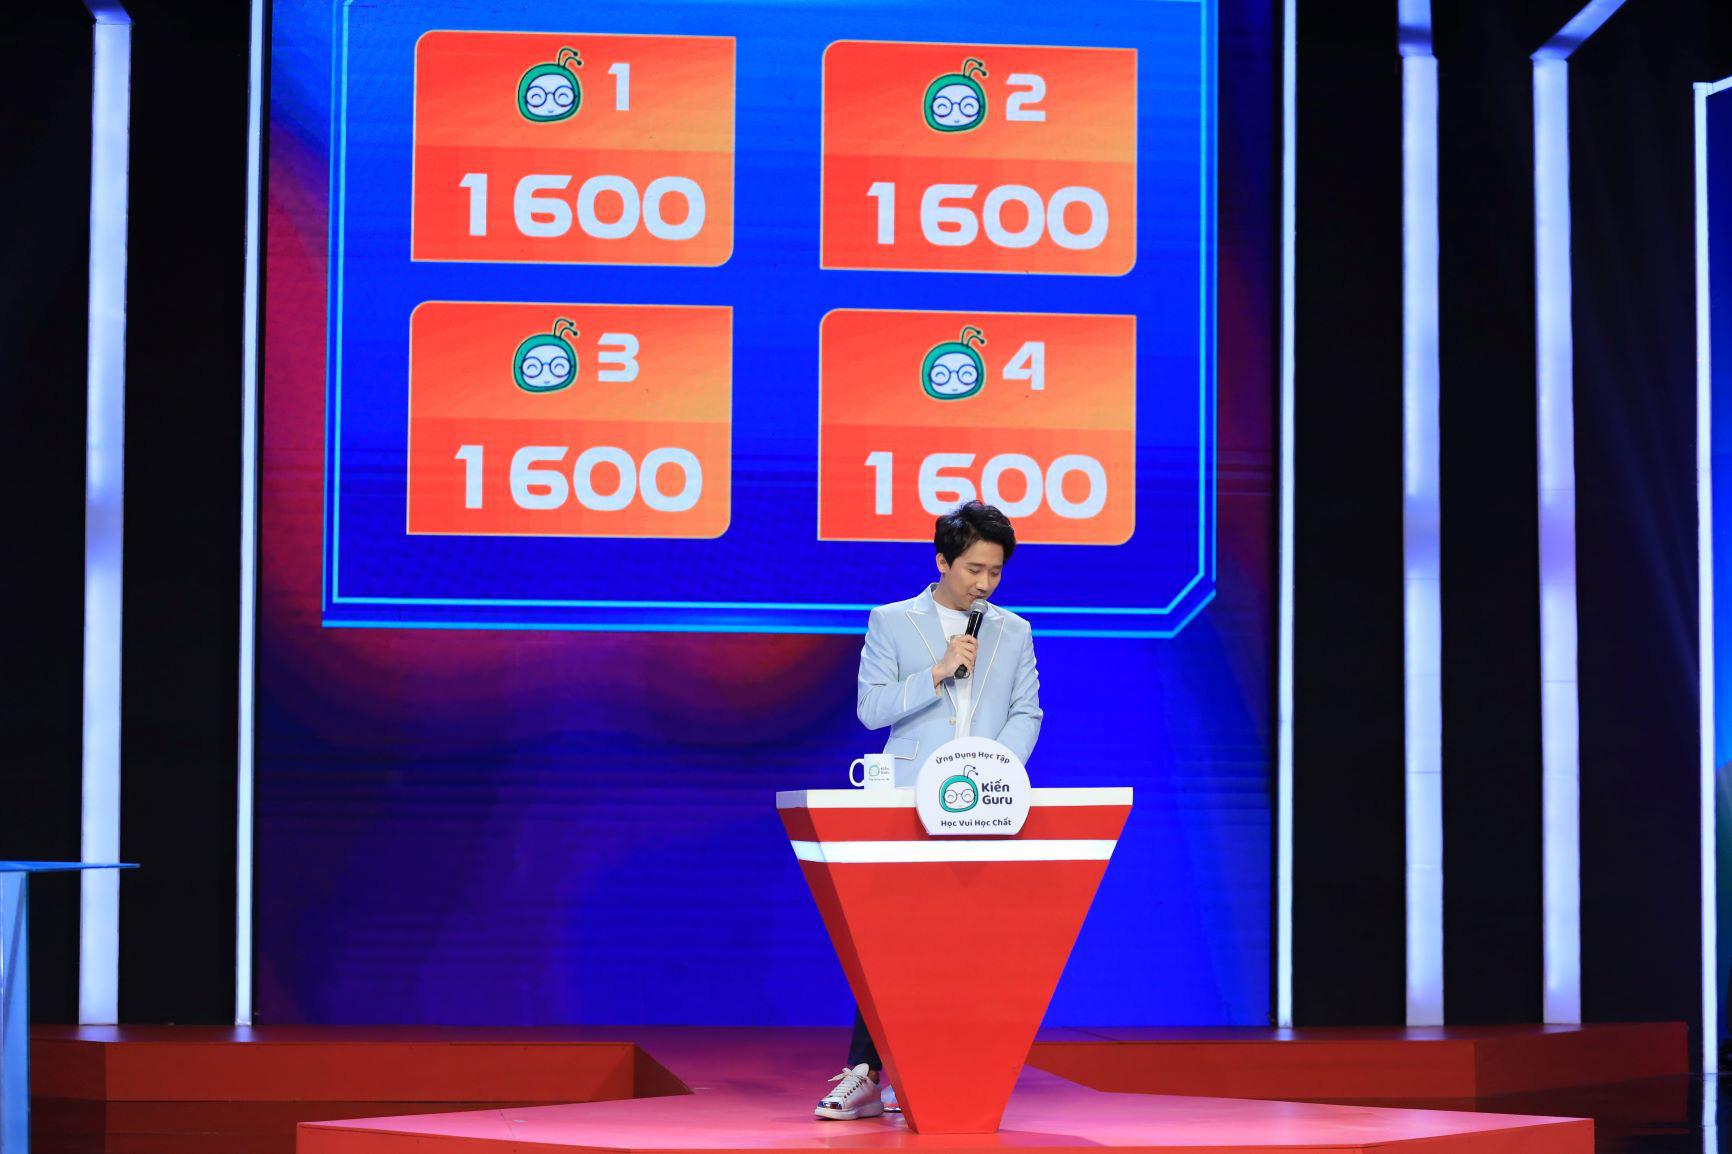 Trấn Thành bất ngờ trước sự hồn nhiên của cậu bé 14 tuổi khi trả lời các câu hỏi từ ứng dụng học tập Kiến Guru - Ảnh 1.